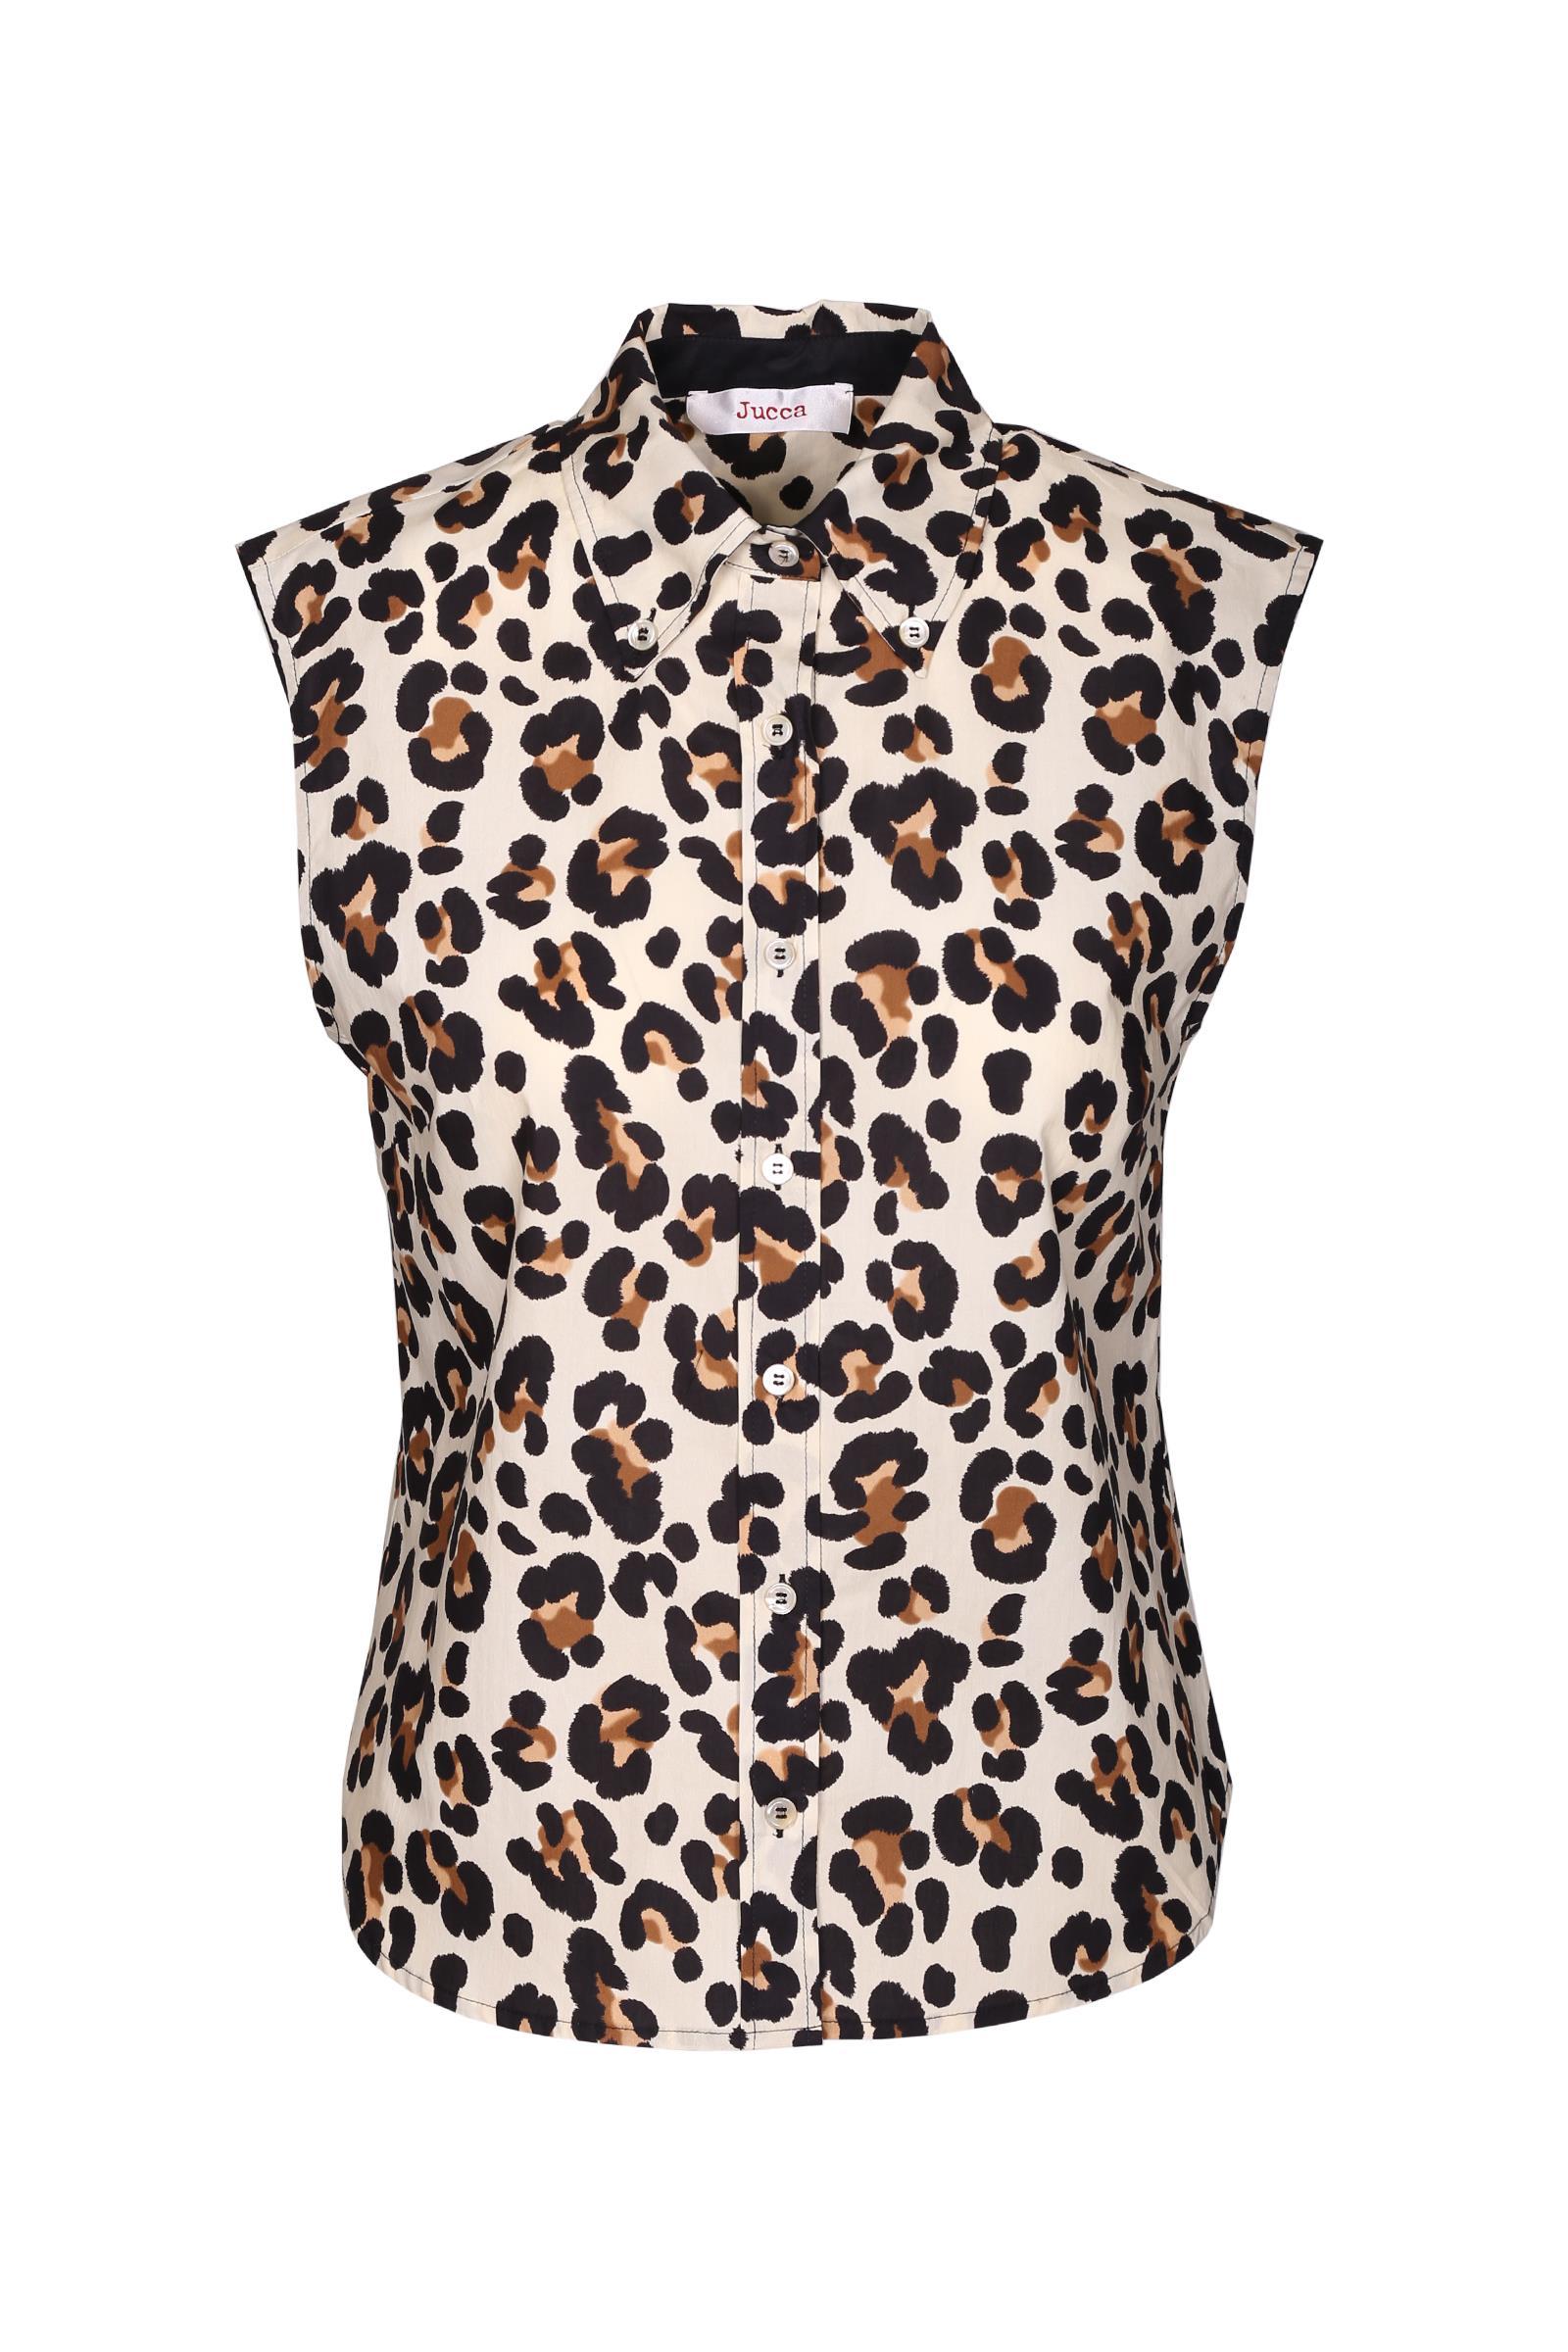 Sleveless spotted shirt JUCCA | Shirts | J2912041045